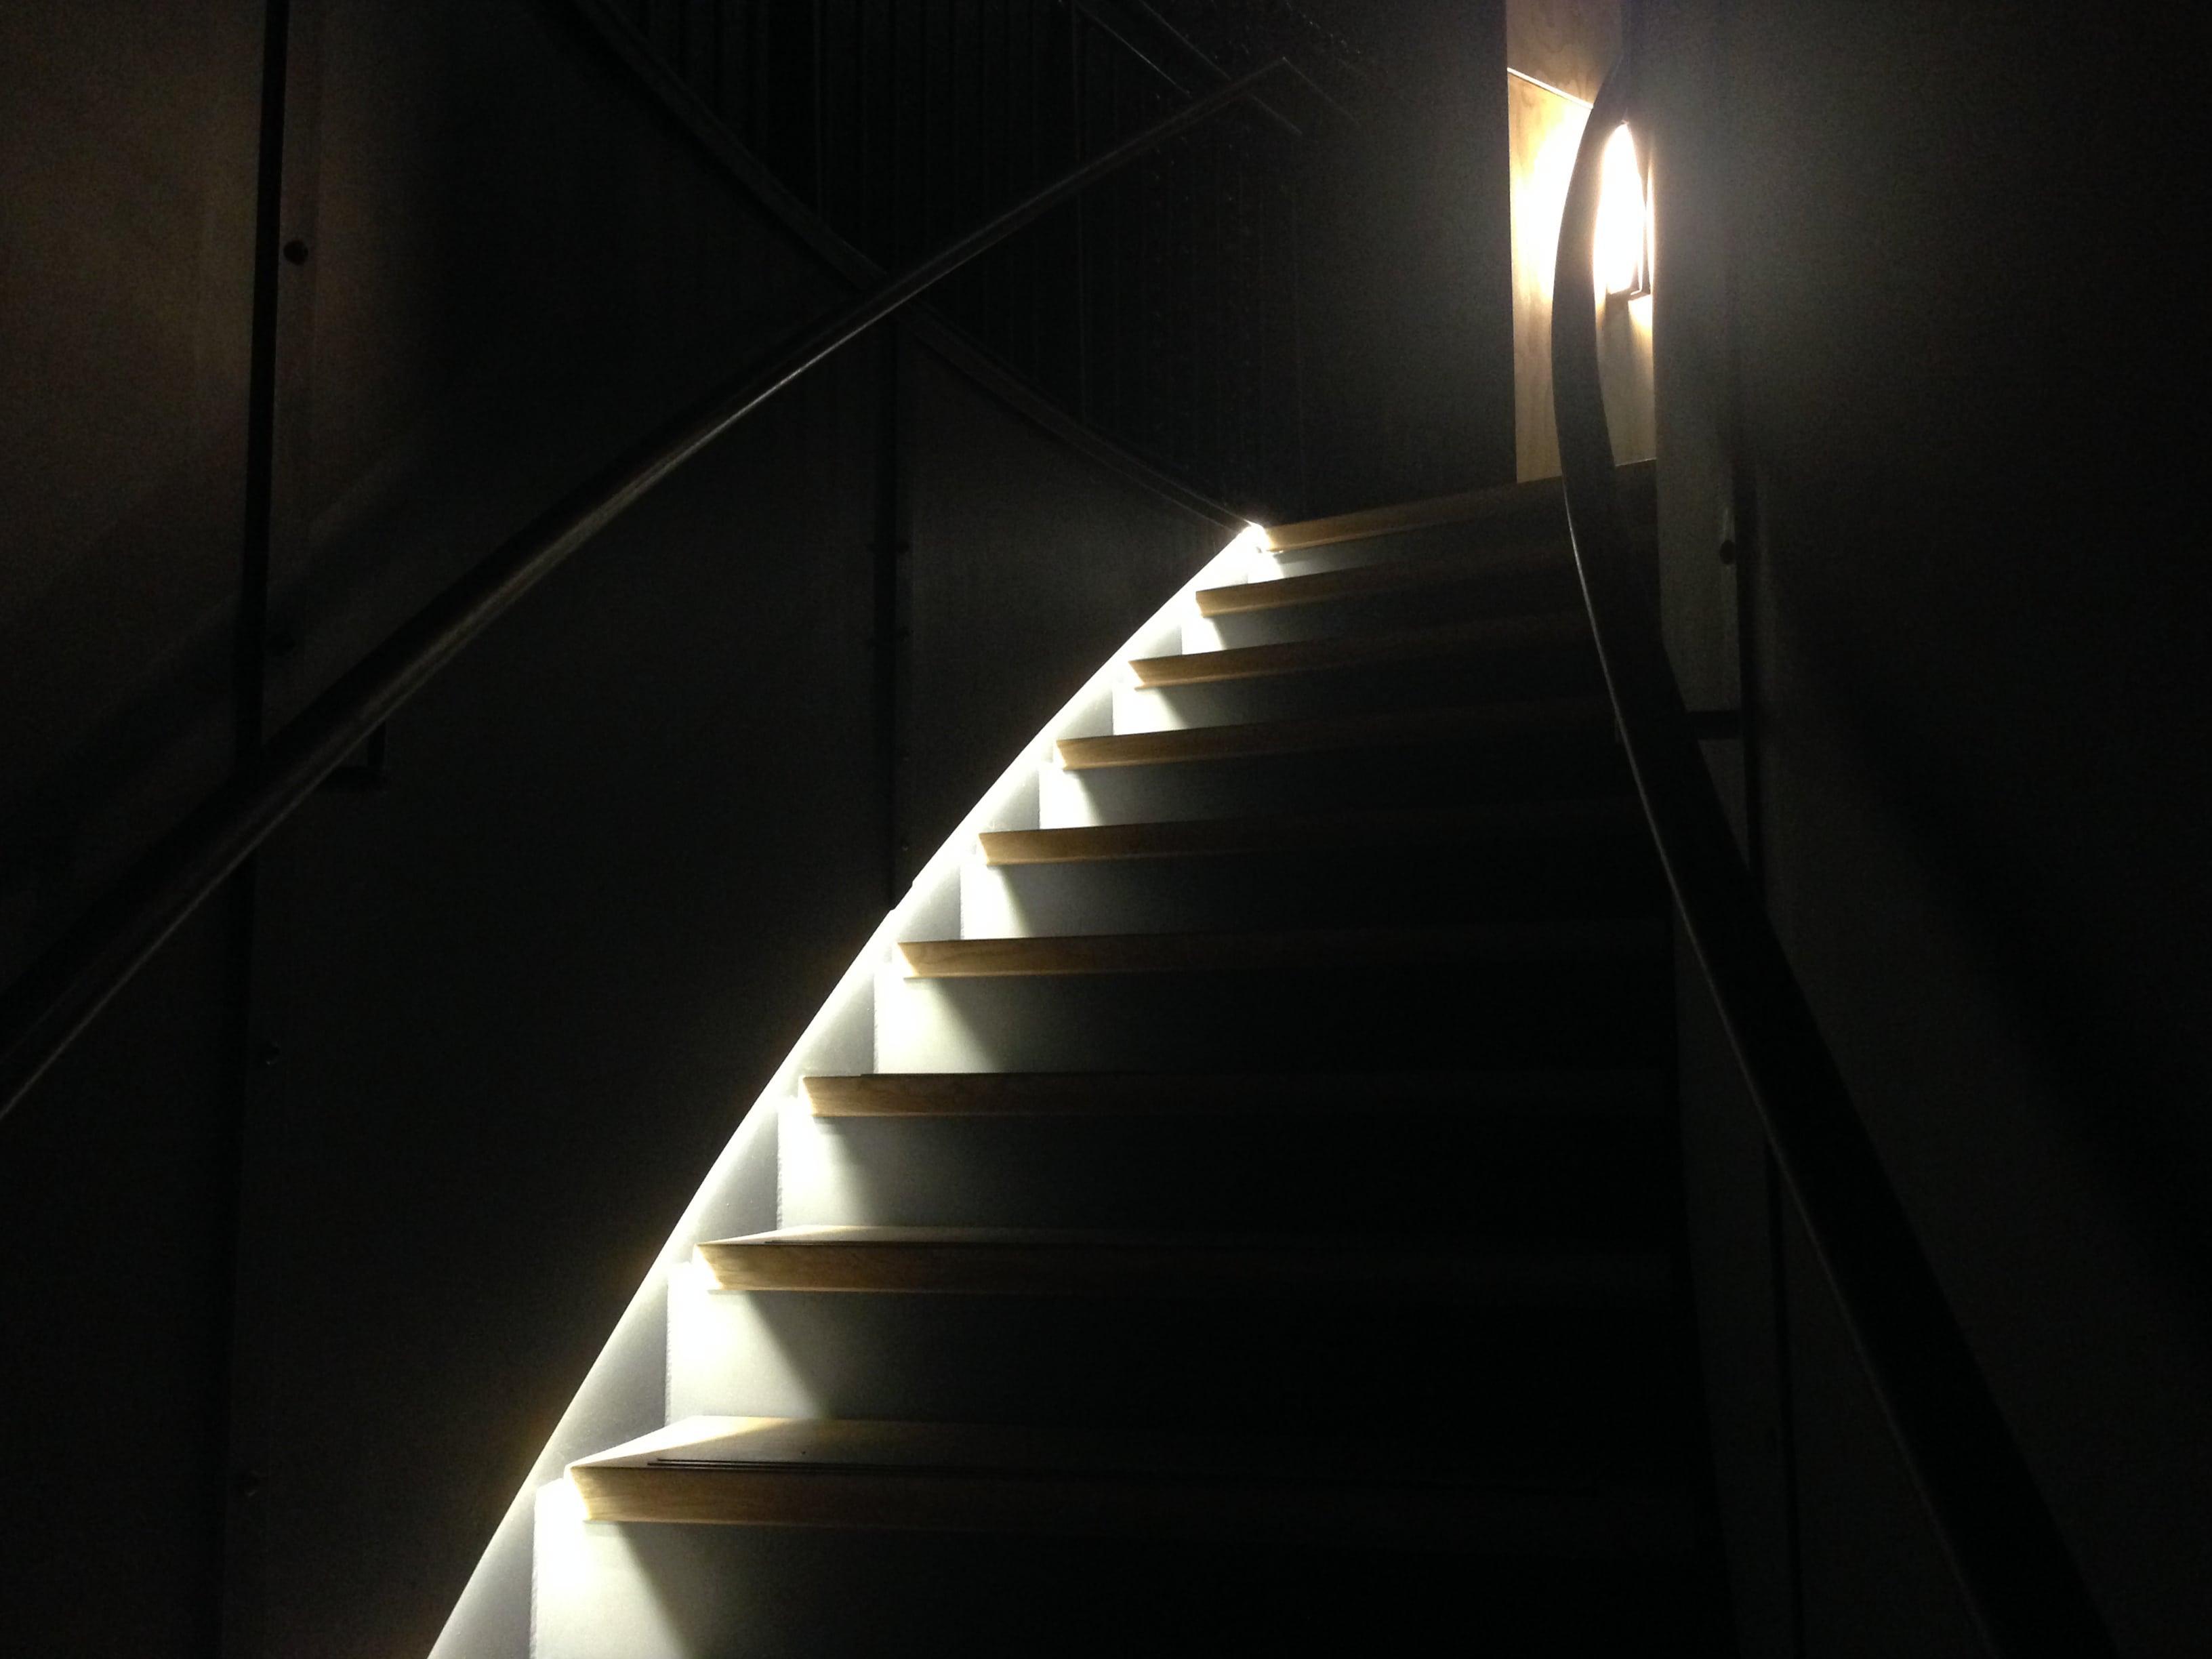 TE-SERIE-STAIRS-IMG_9605.JPG